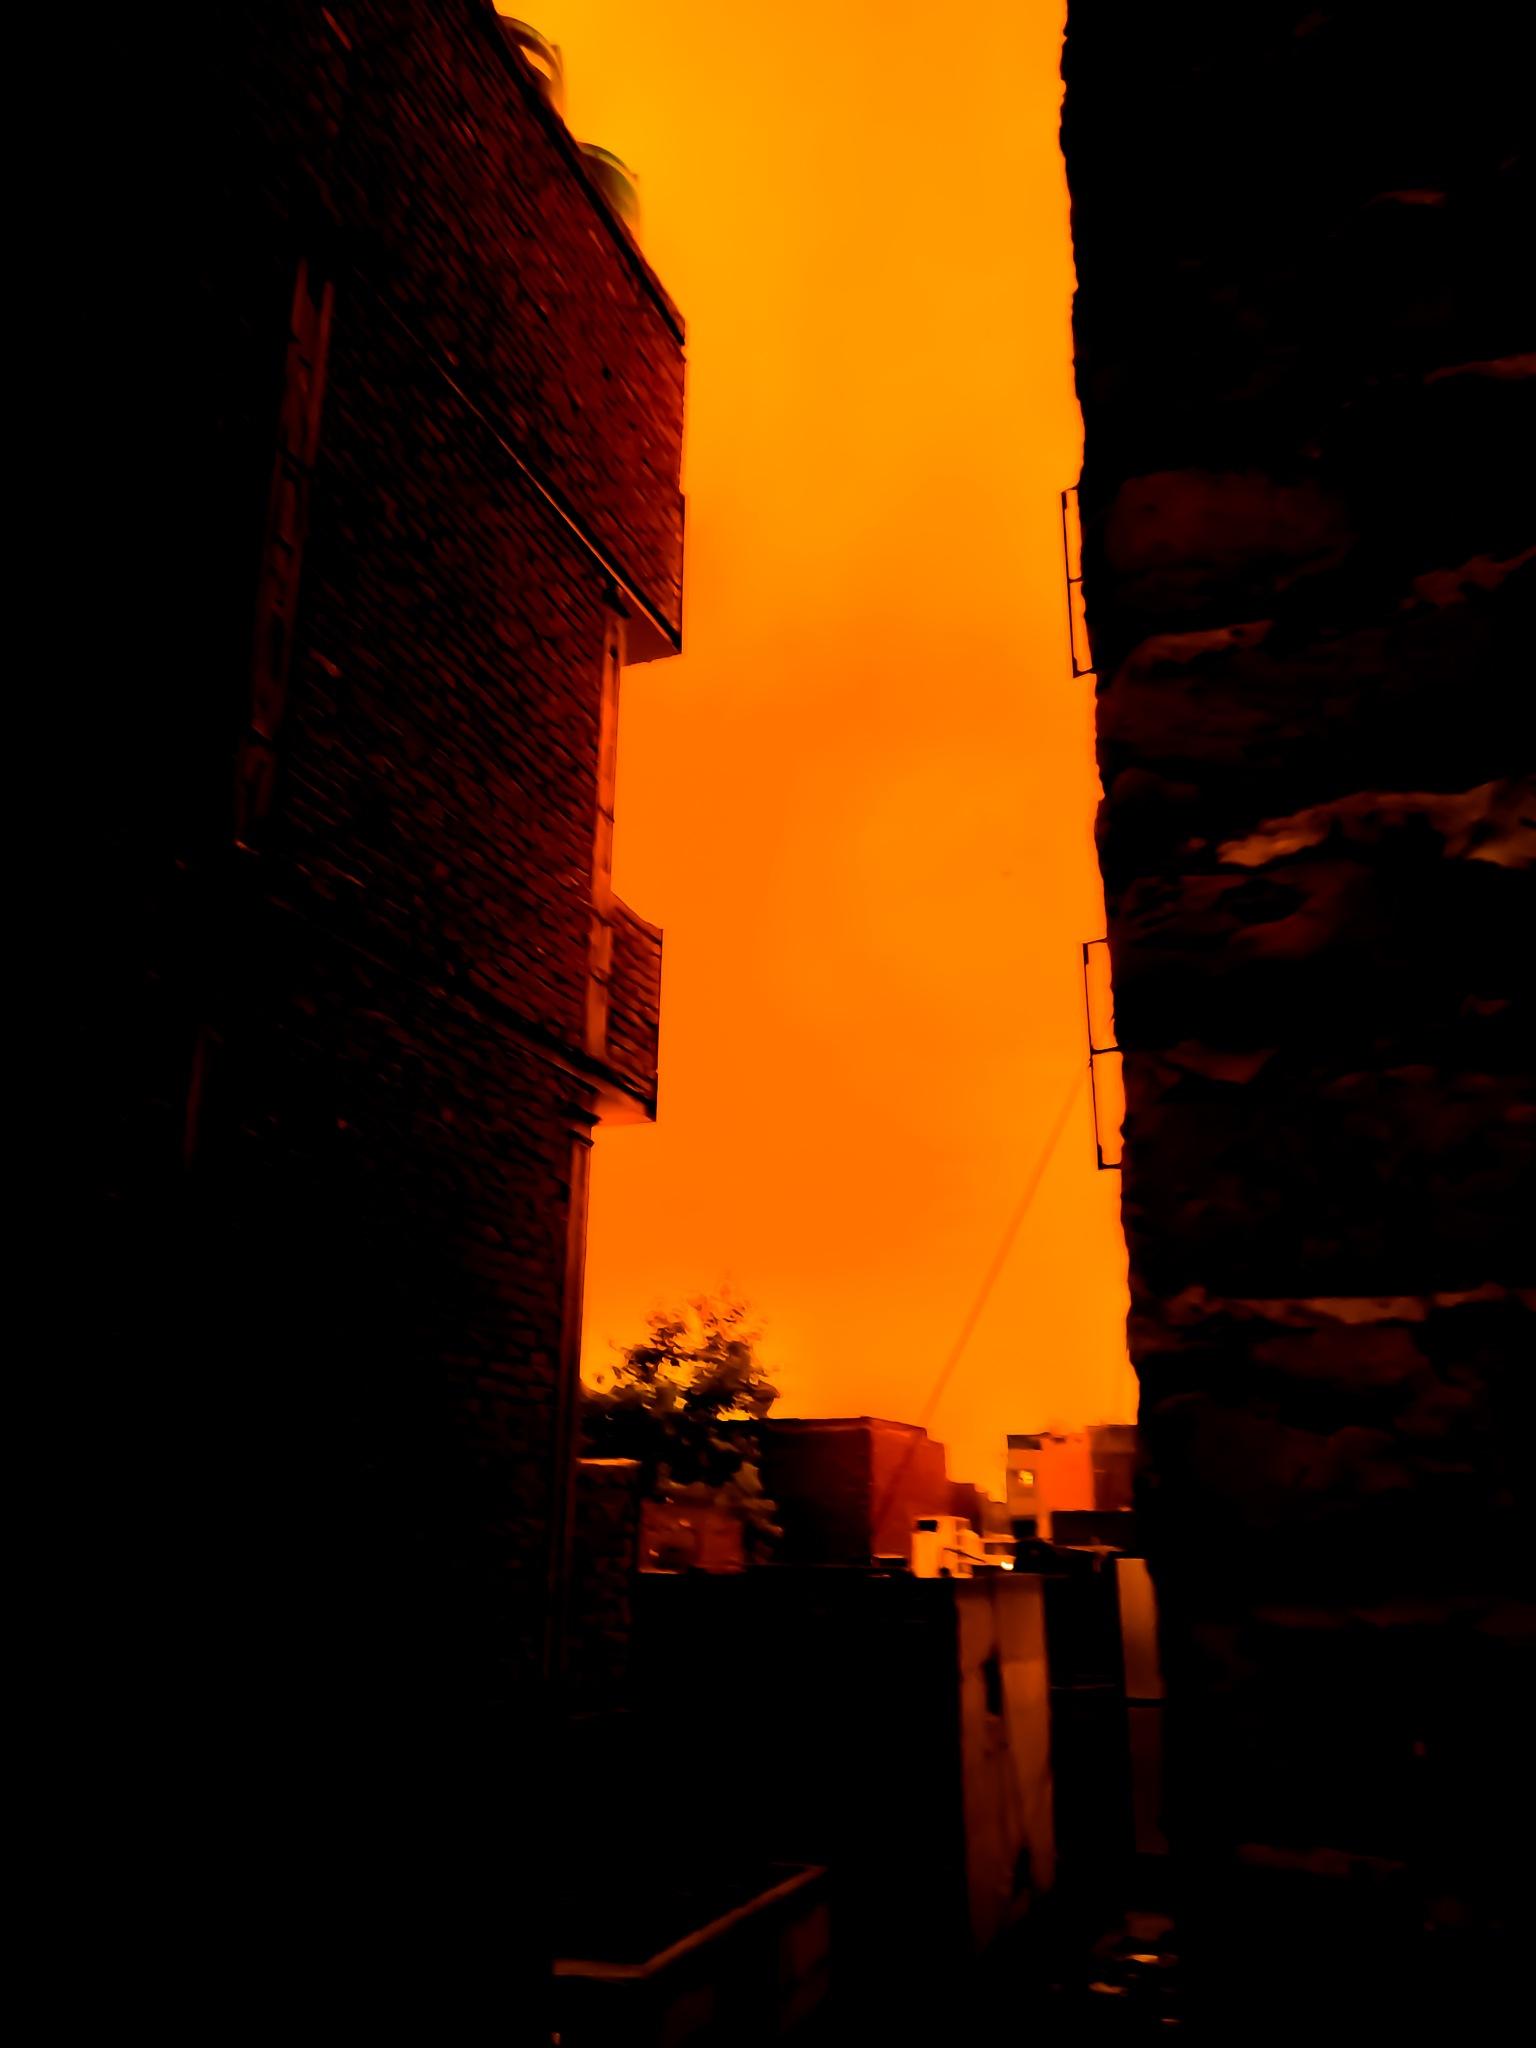 Burning Sky by Abdul Muiz